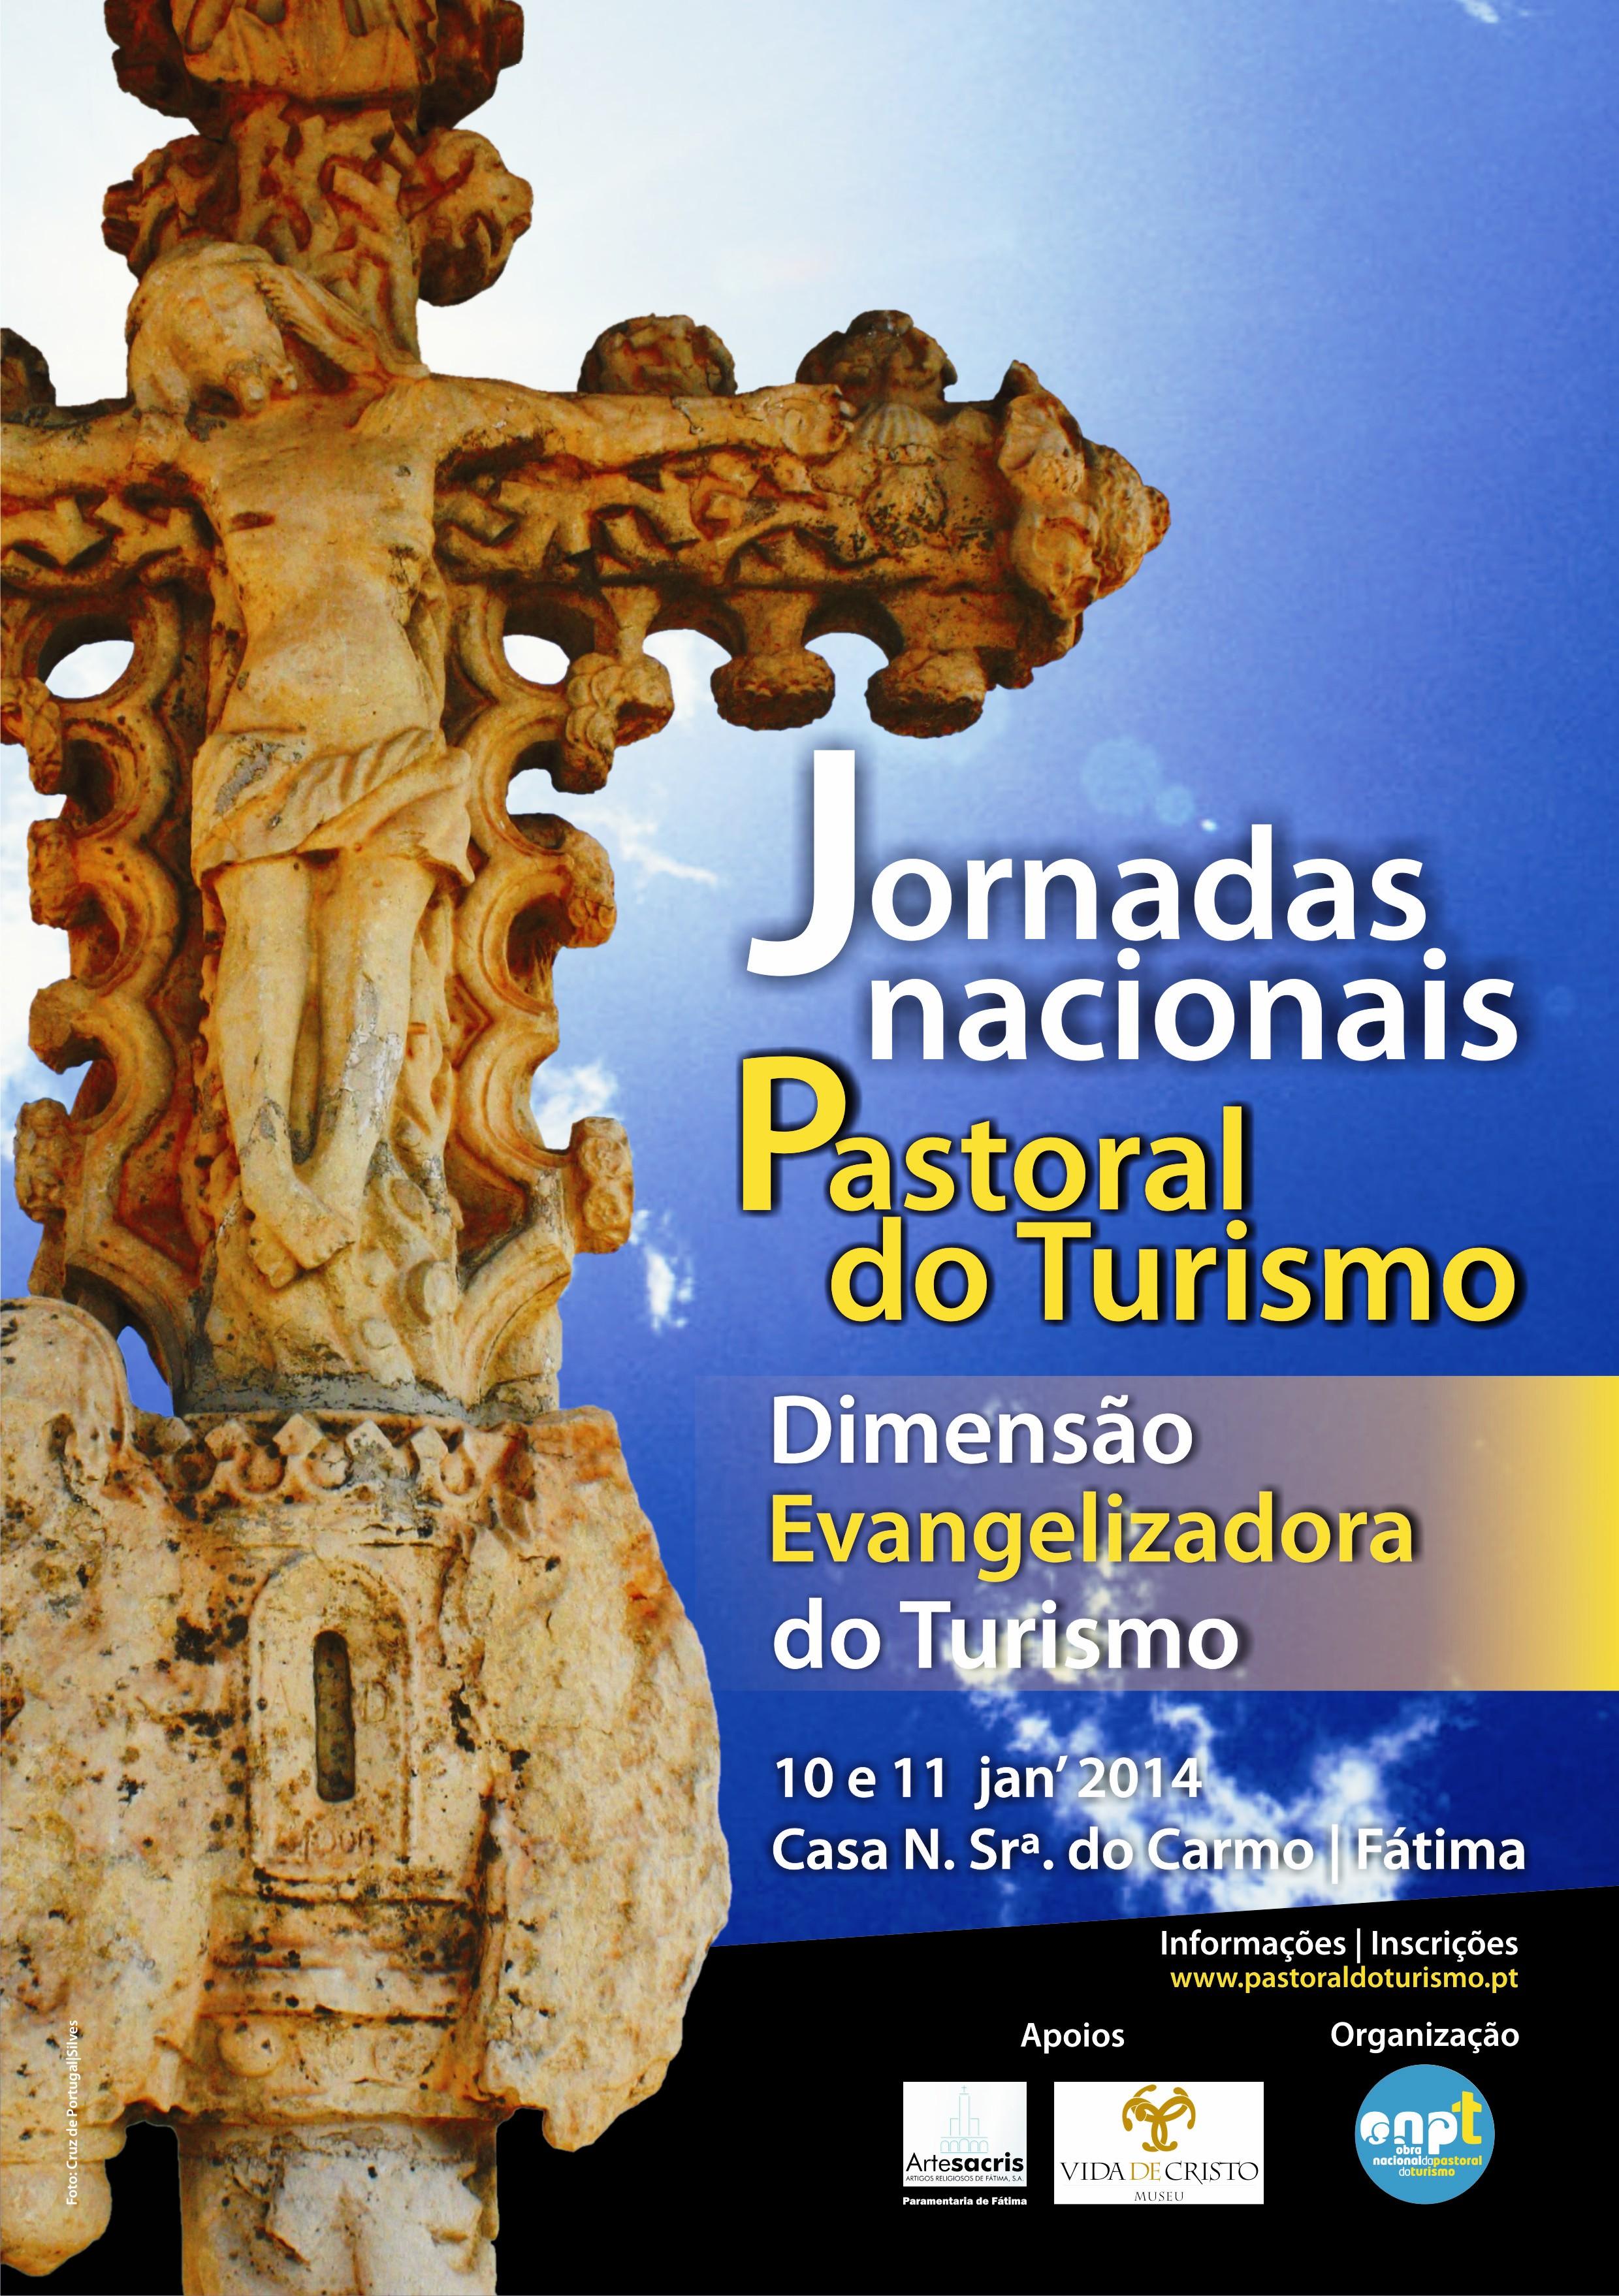 Jornadas de Pastoral do Turismo